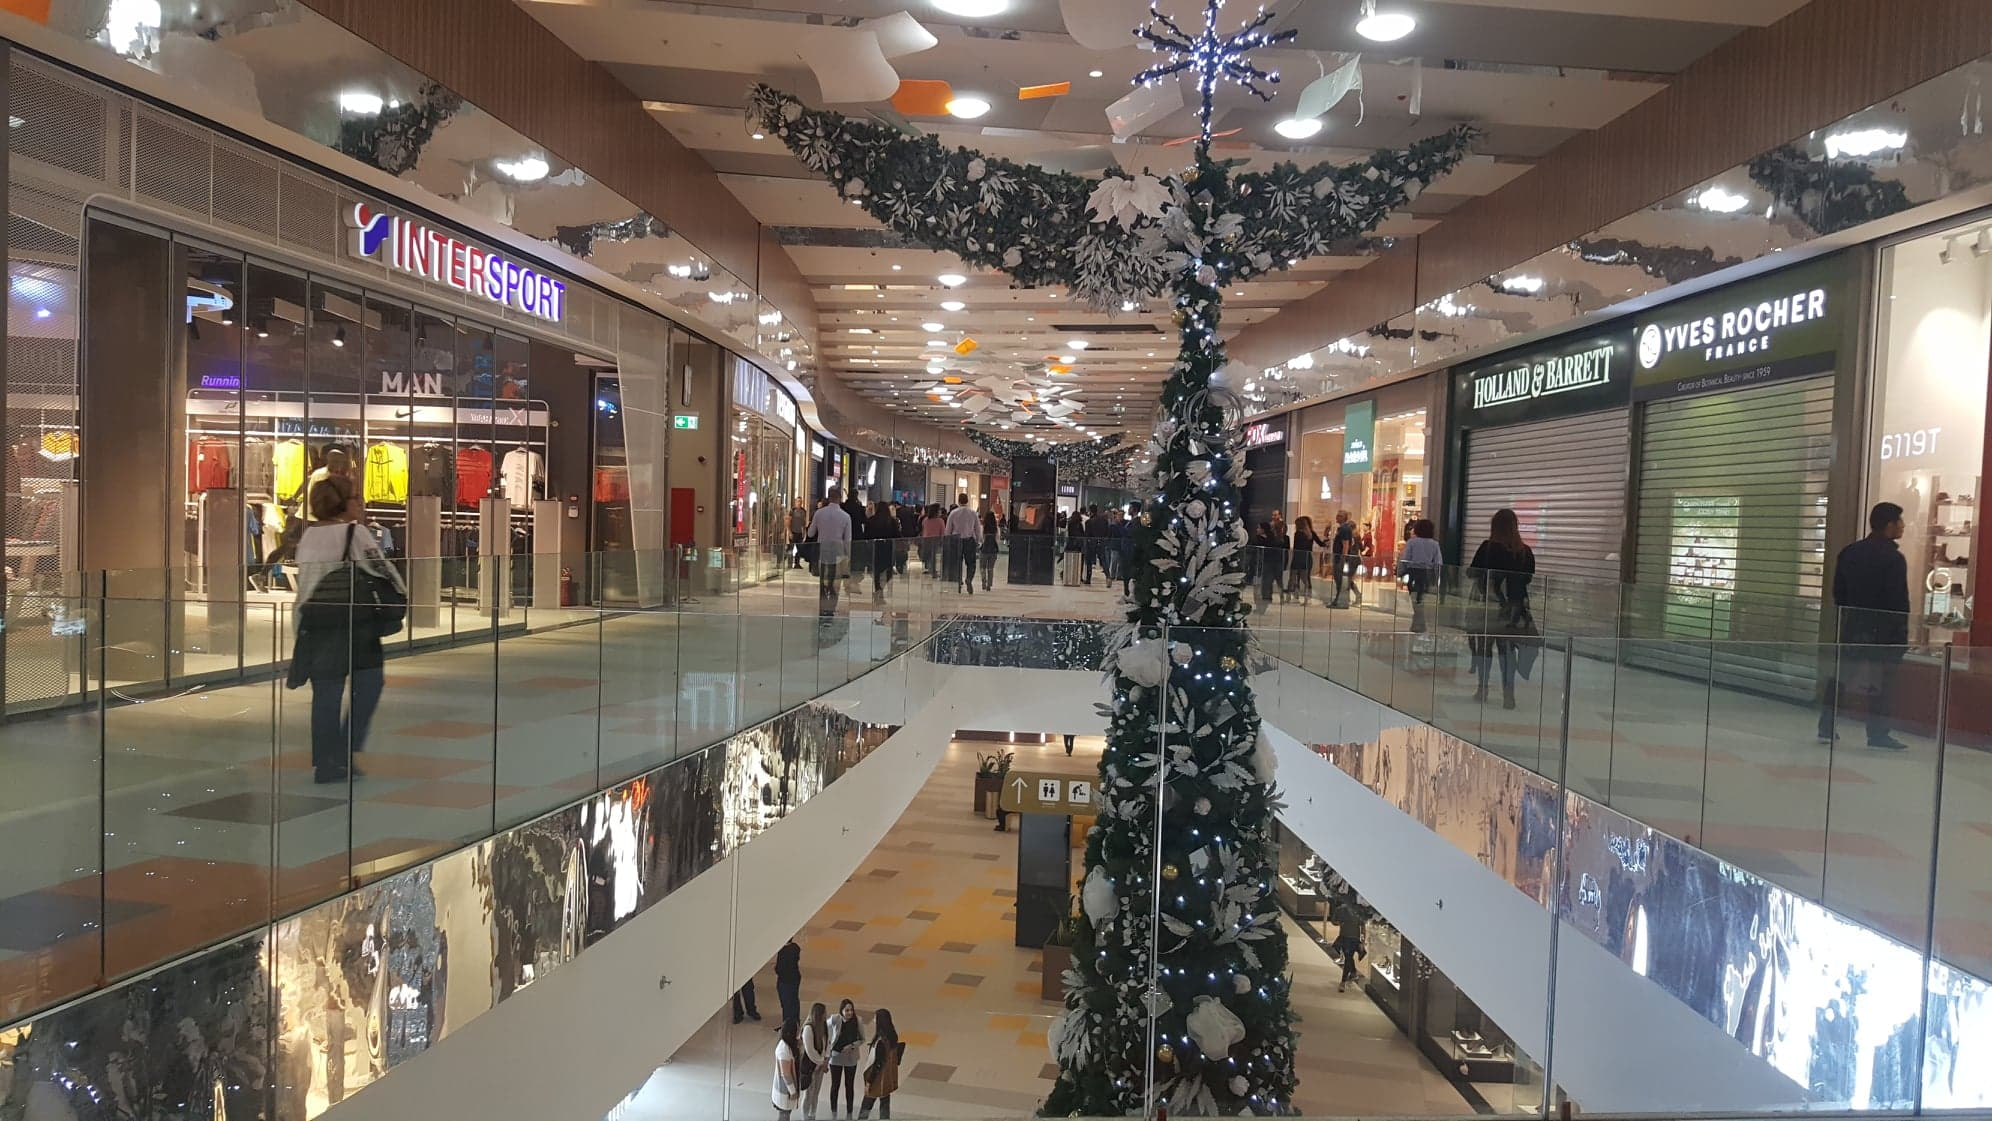 cae77e277f Το νέο πολυκατάστημα Nicosia Mall άνοιξε και επίσημα τις πύλες του για το  κοινό σήμερα το πρωί και όπως είναι αναμενόμενο σε τέτοιες περιπτώσεις ο  κόσμος ...